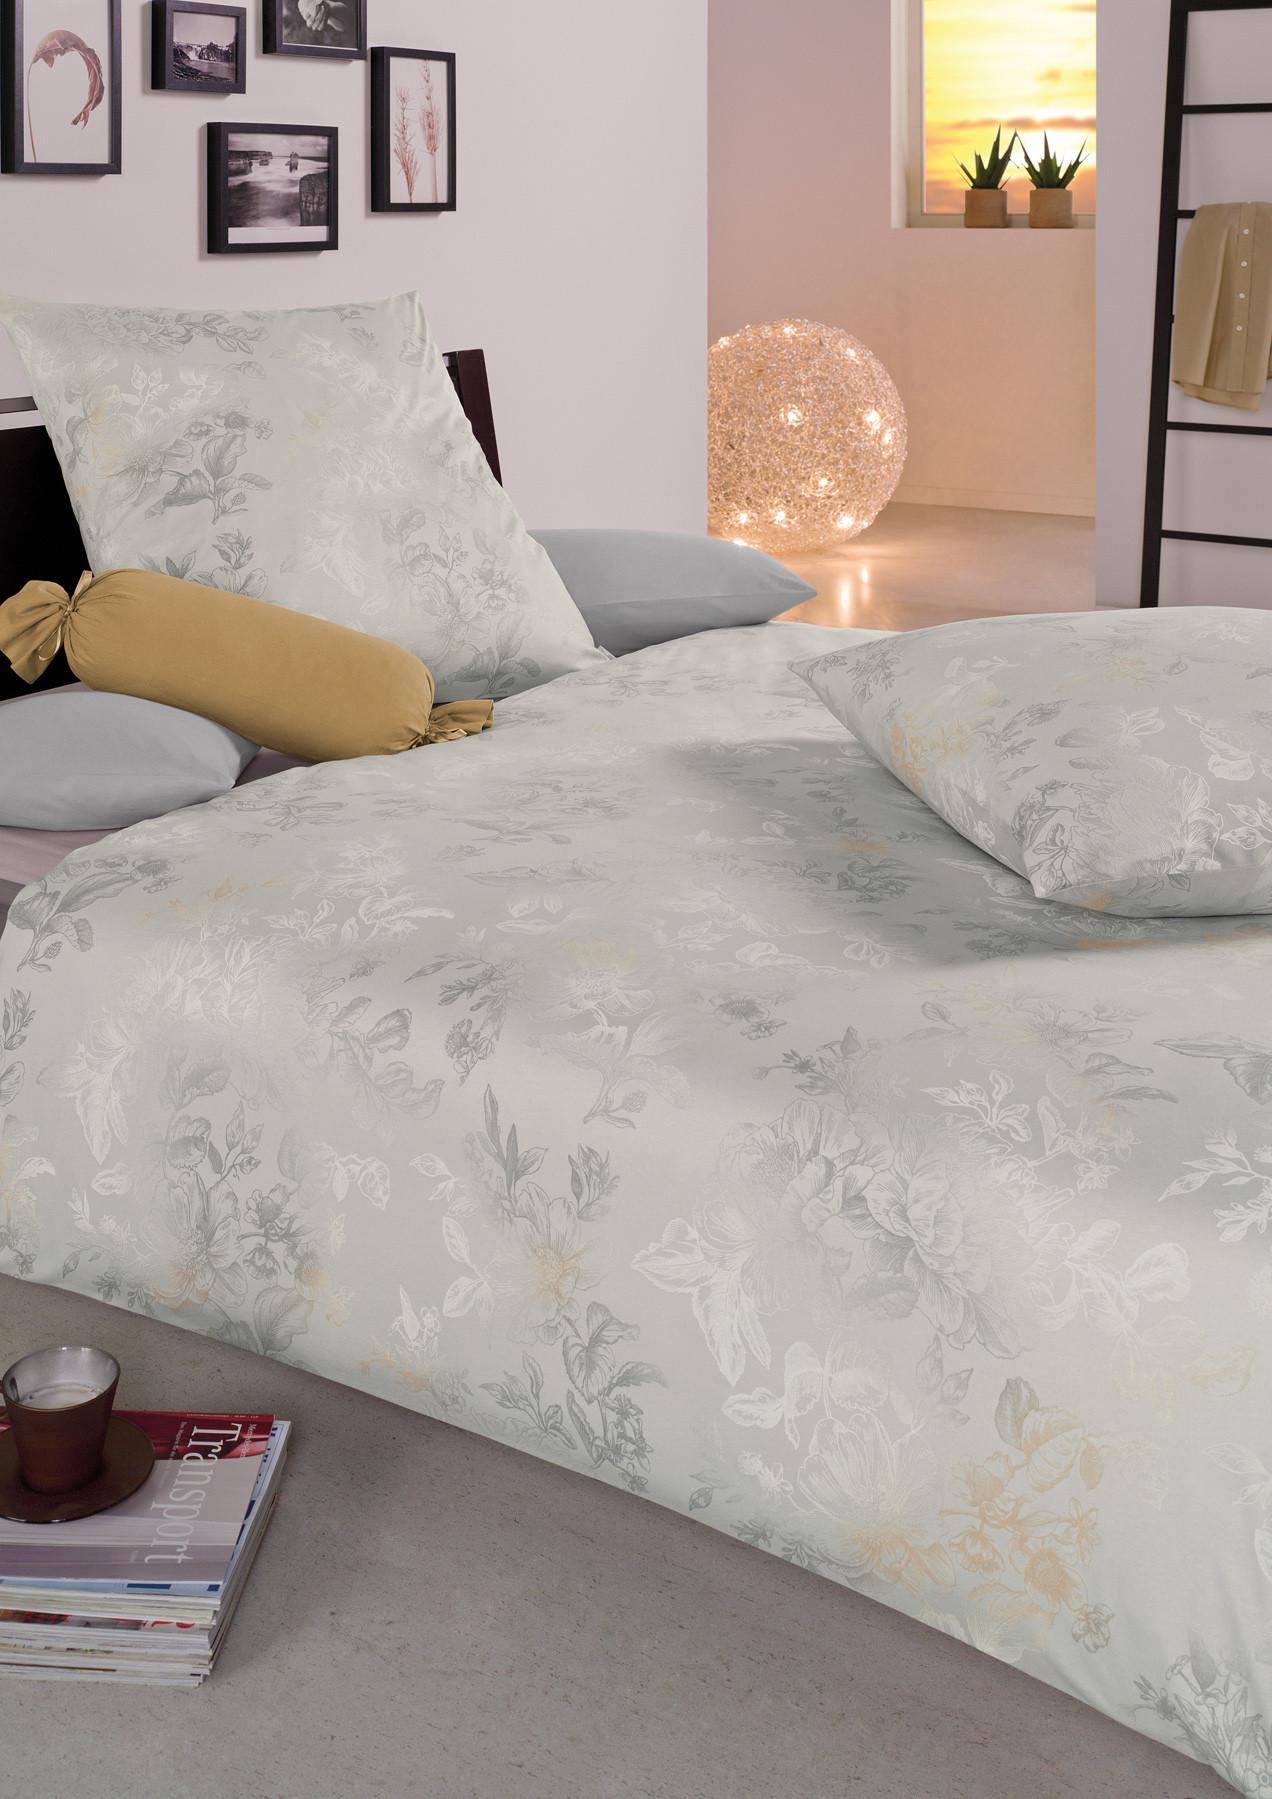 estella interlock mako jersey bettw sche freda 135 x 200 oder 155 x 220 cm leinen schlafst. Black Bedroom Furniture Sets. Home Design Ideas